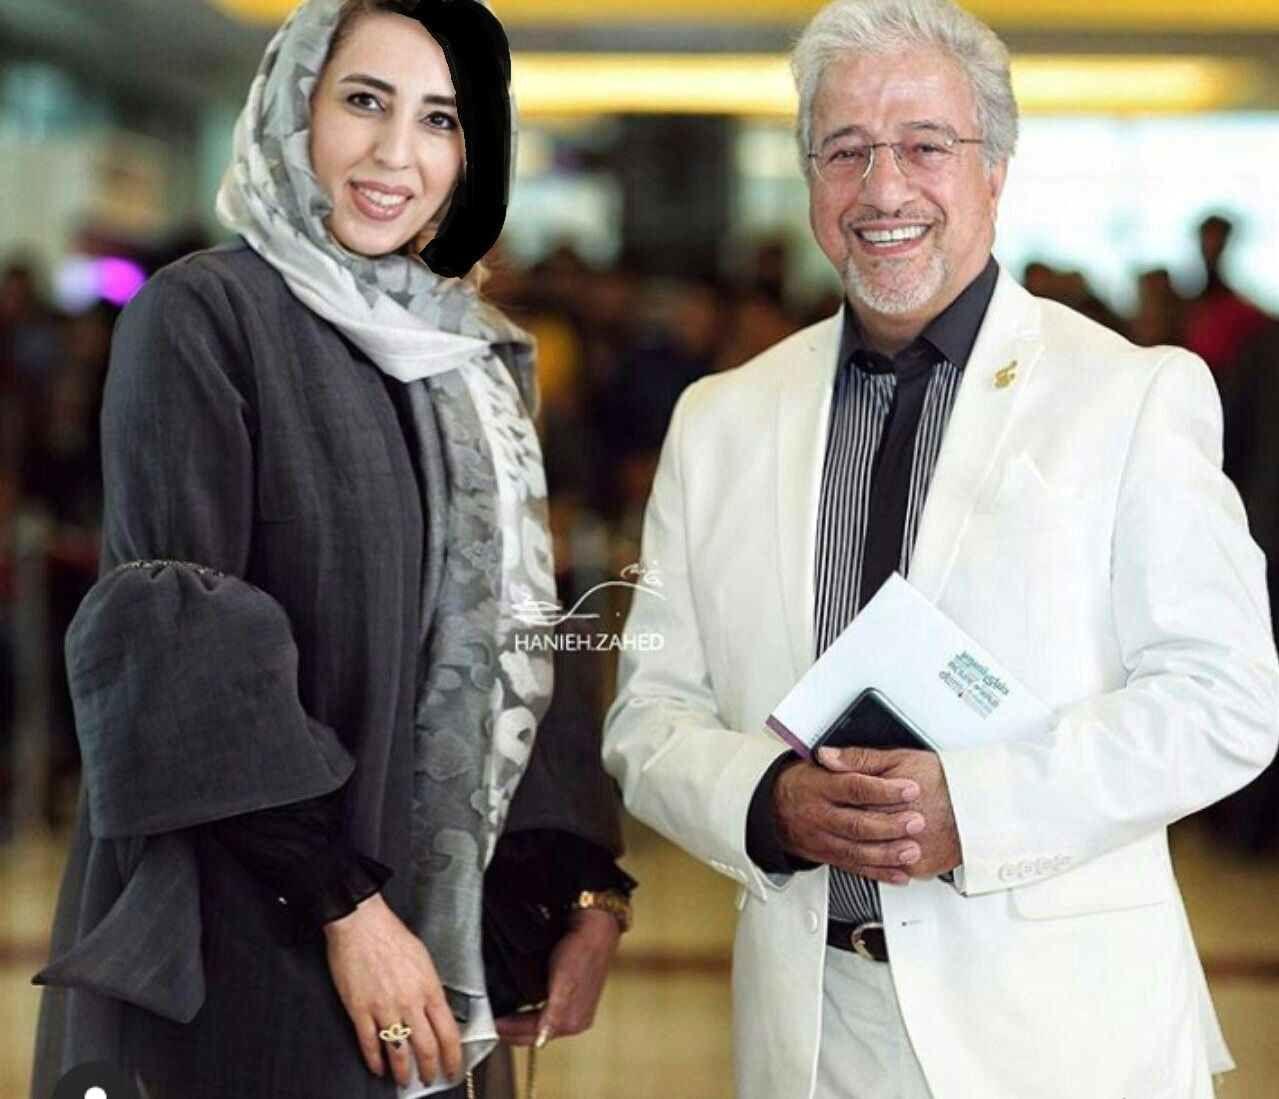 ازدواج علیرضا خمسه با زنی جوانتر از خود! - دلیل طلاق همسر اول + عکس همسر دوم